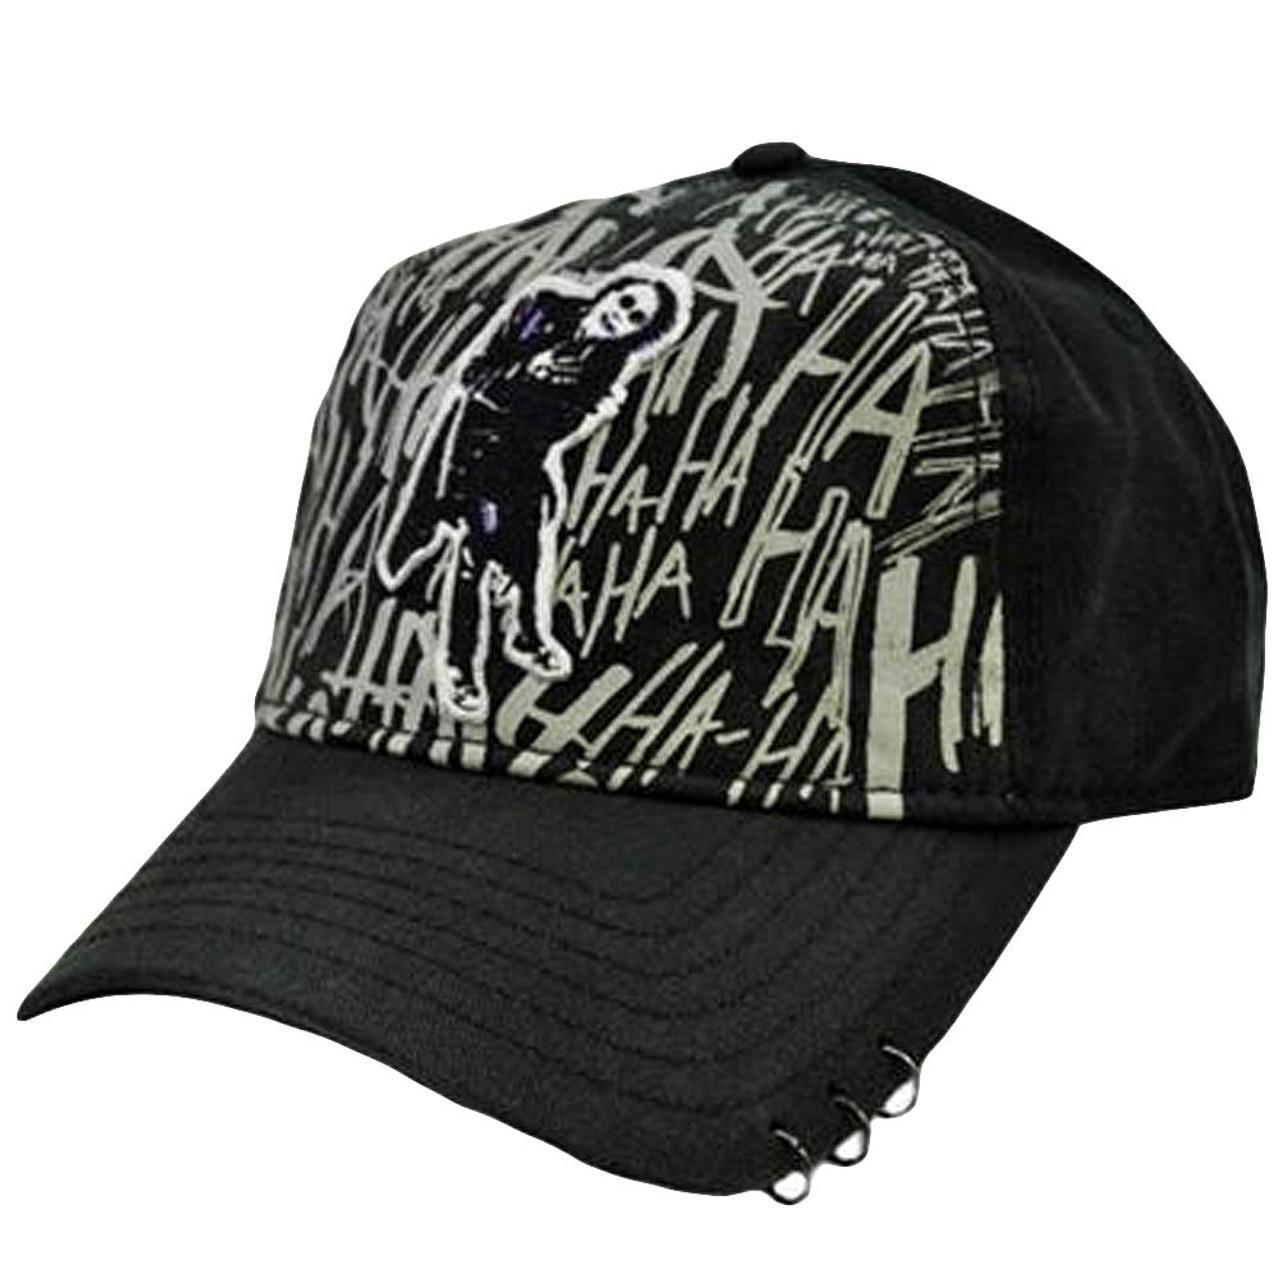 Batman DC Comics The Dark Knight Joker Heath Ledger Black Gray Velcro Hat  Cap - Cap Store Online.com 0c5ac9ca1141